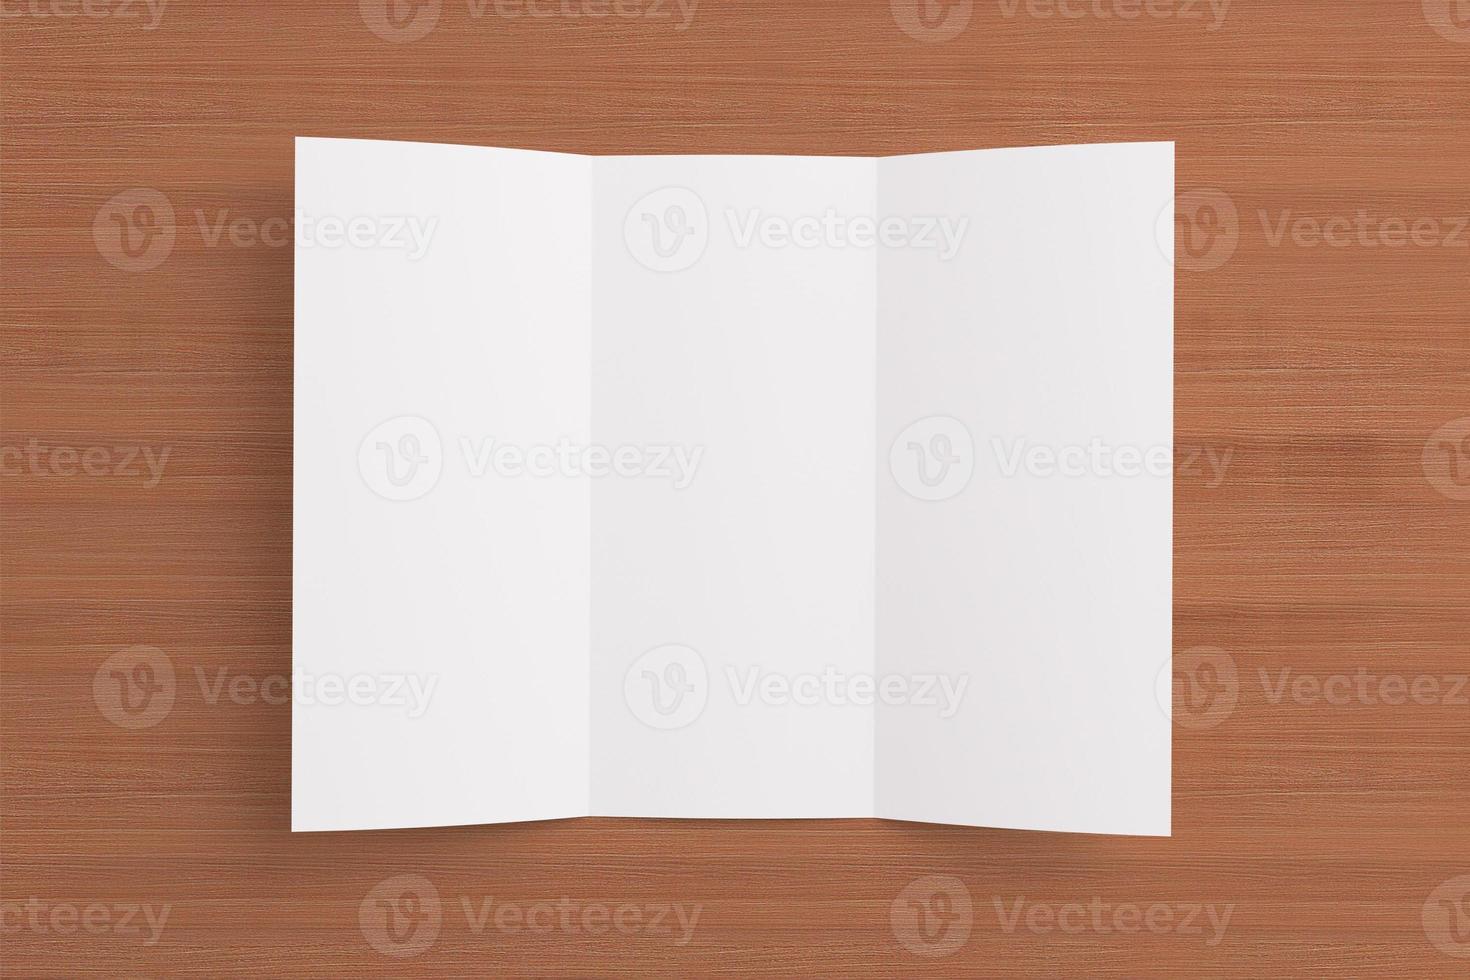 Folleto tríptico en blanco sobre fondo de madera foto